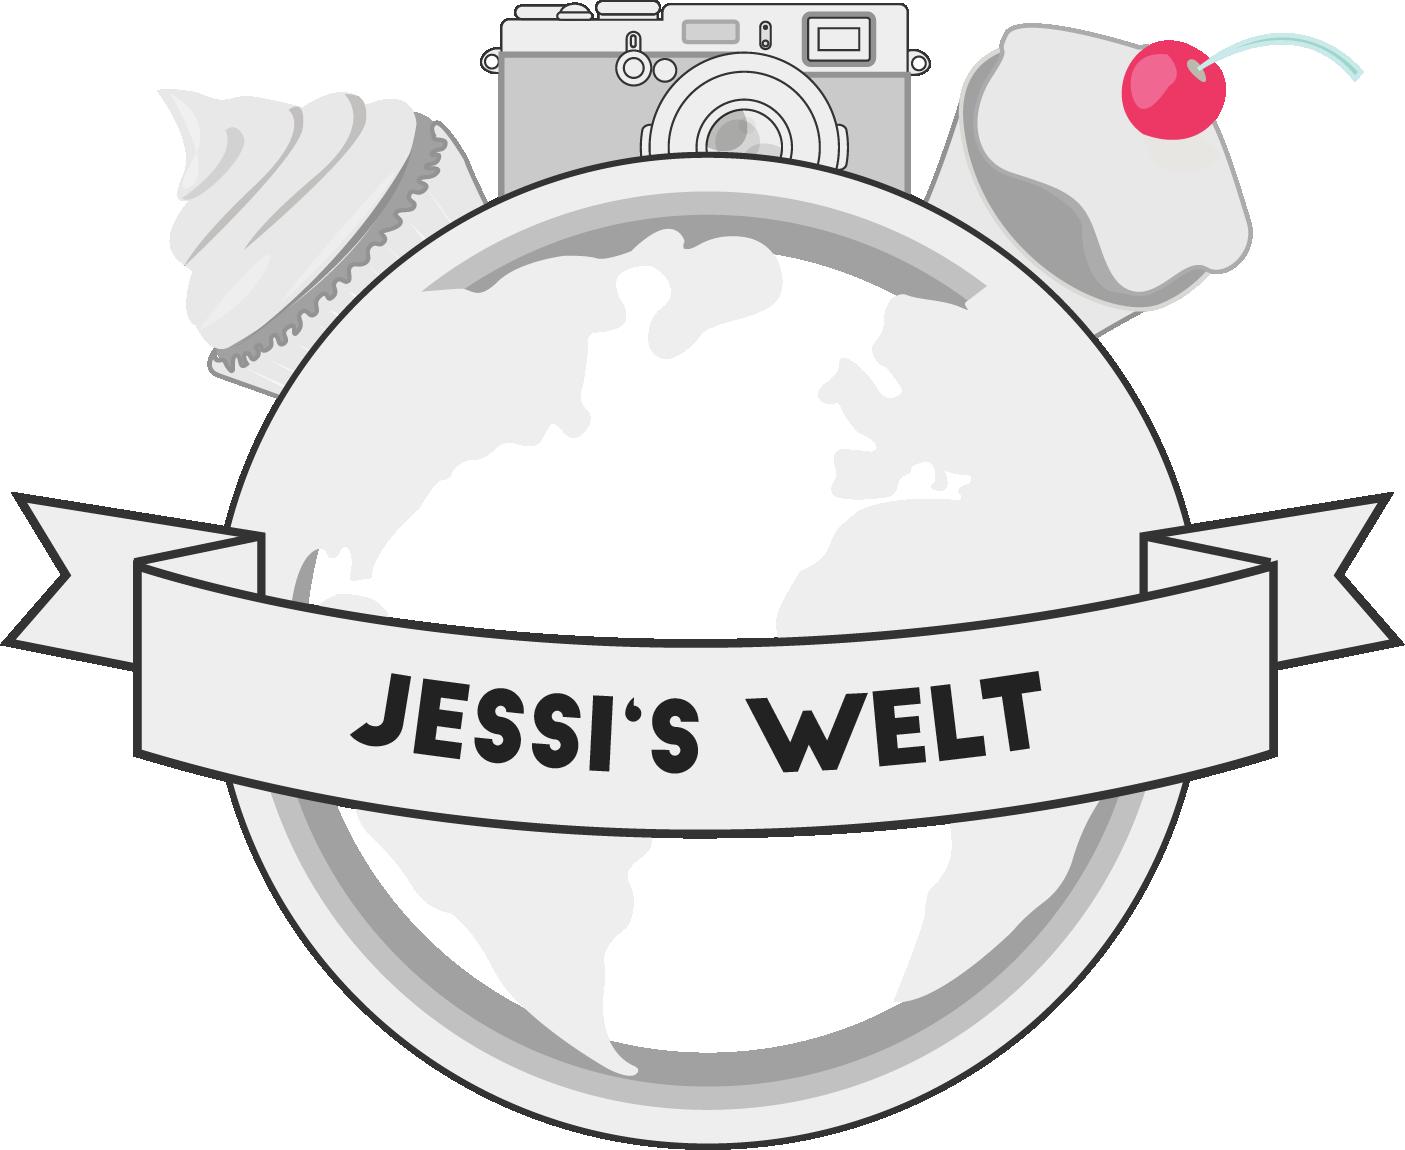 Jessi's Welt